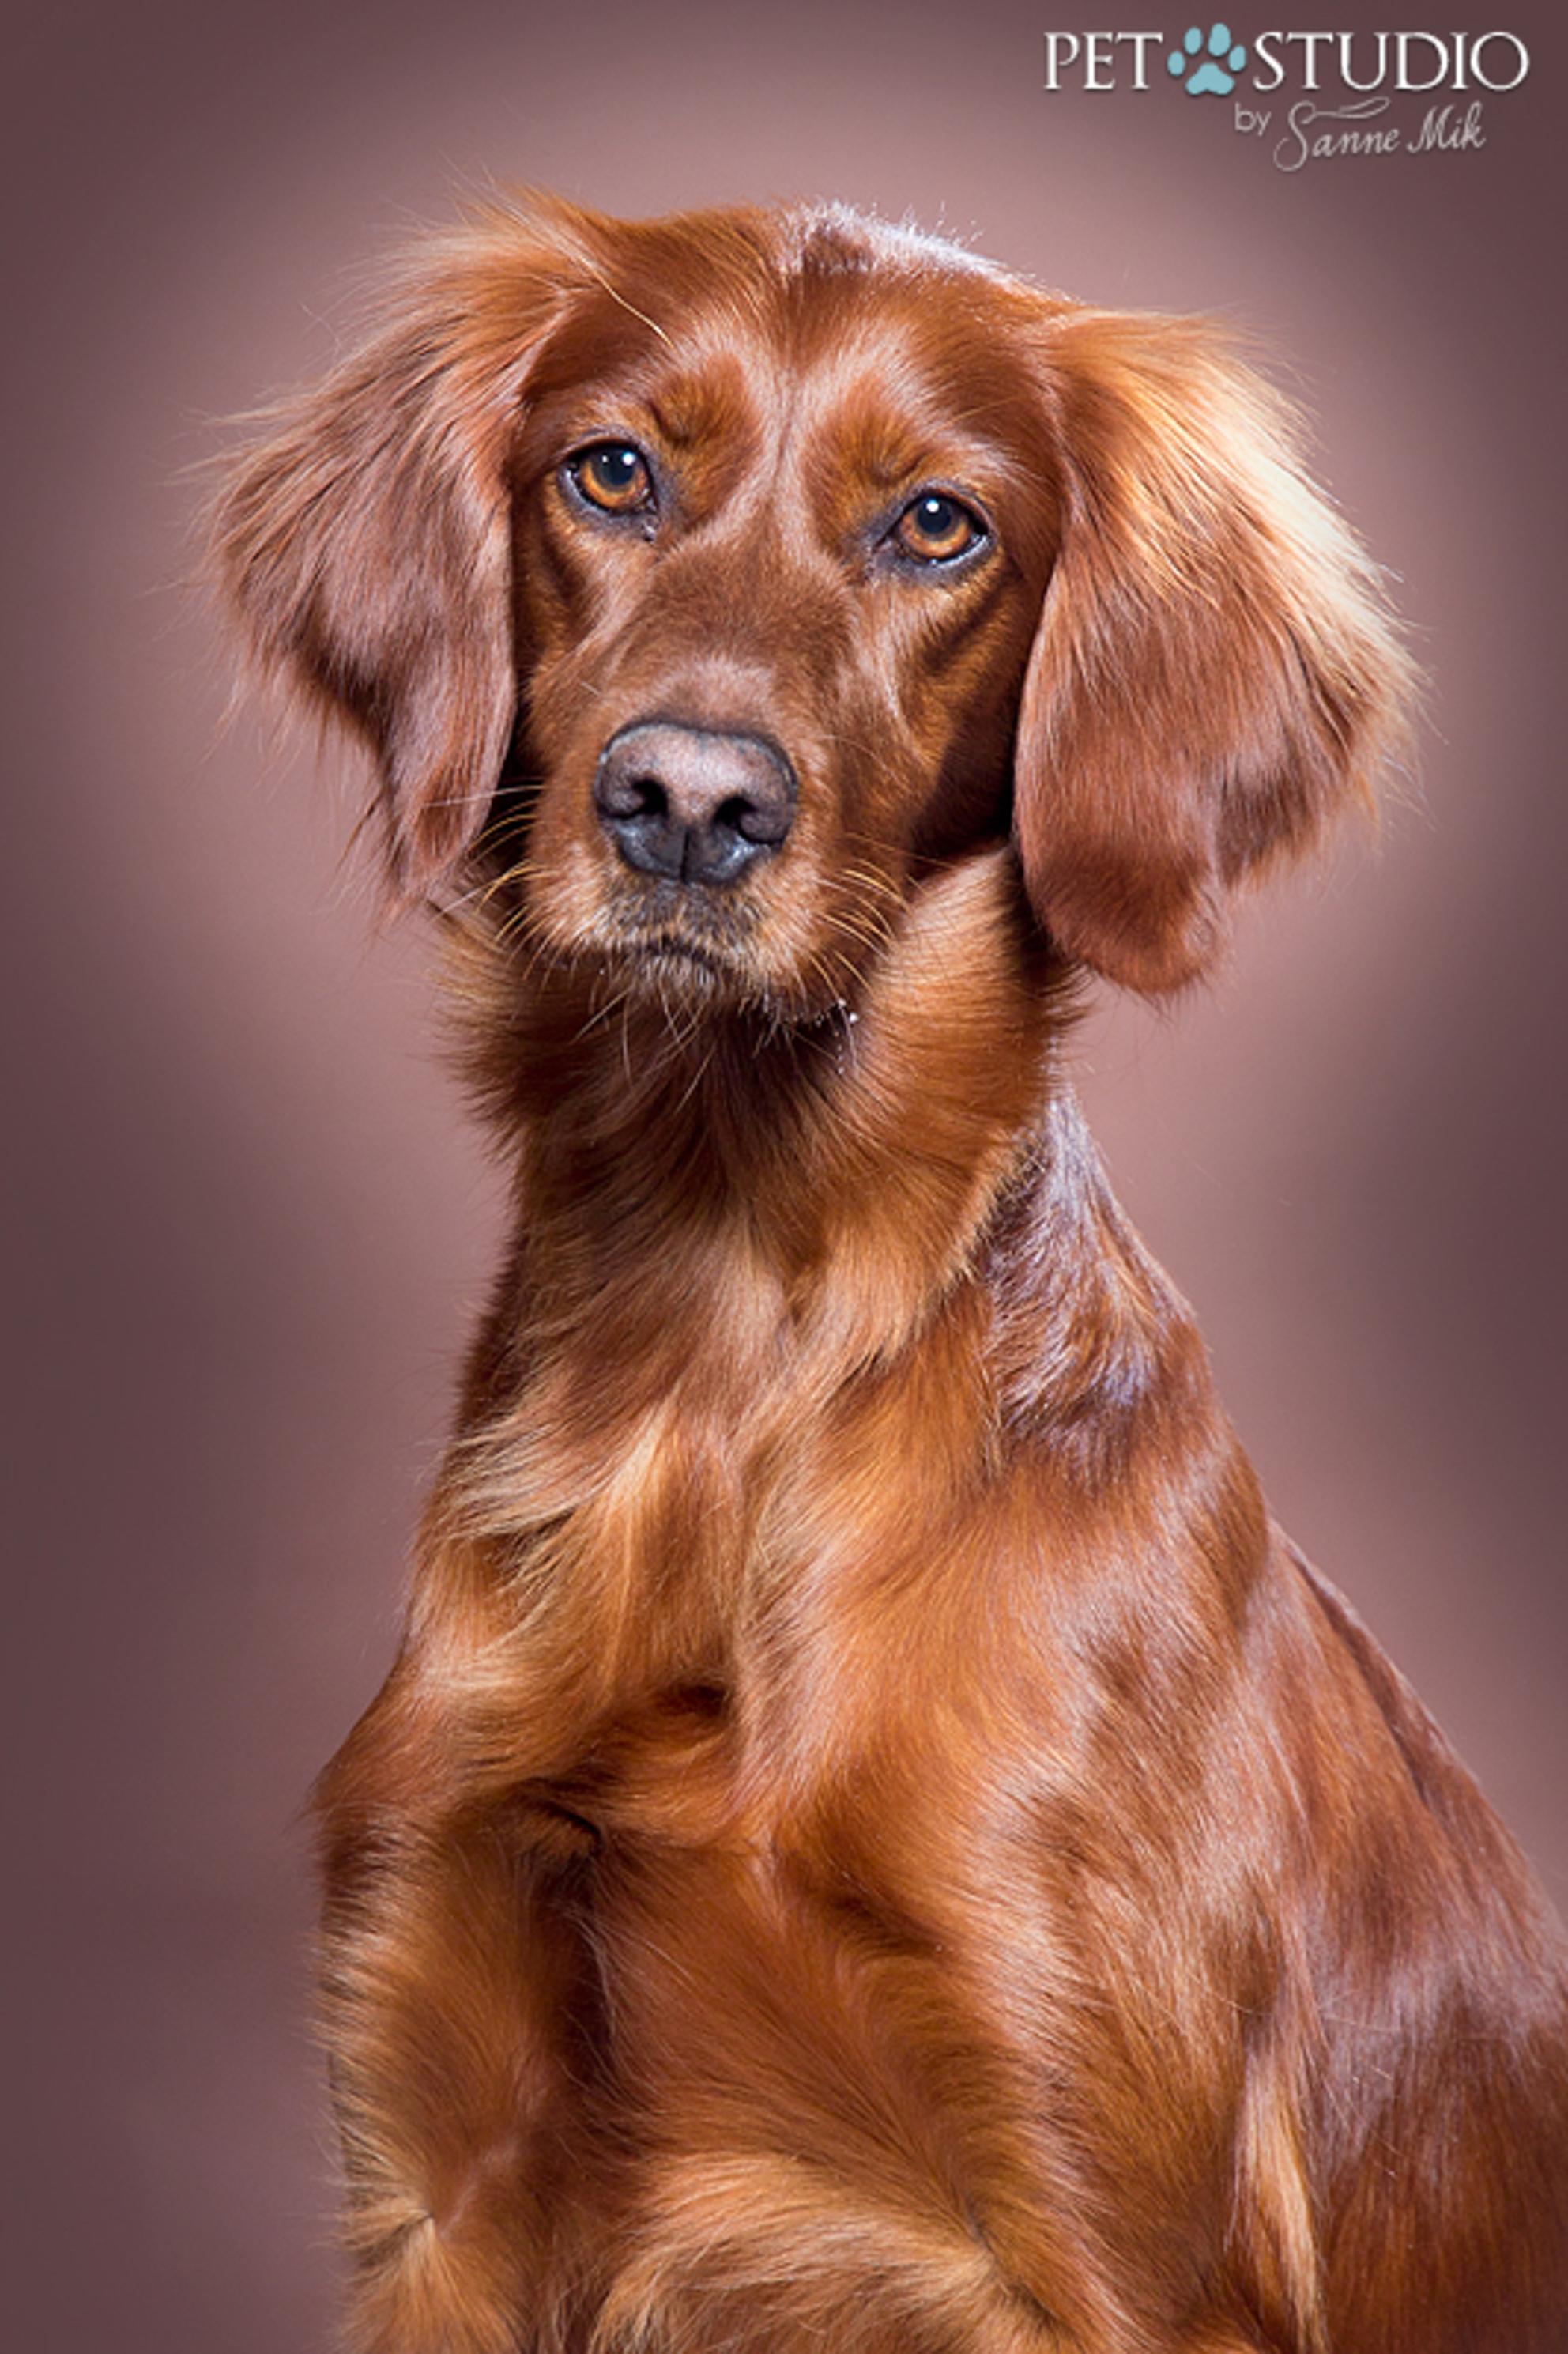 Ierse Setter door Pet Studio - Ierse Setter door Pet Studio | Hondenfotograaf Sanne Mik - foto door PetStudio op 17-01-2016 - deze foto bevat: hond - Deze foto mag gebruikt worden in een Zoom.nl publicatie